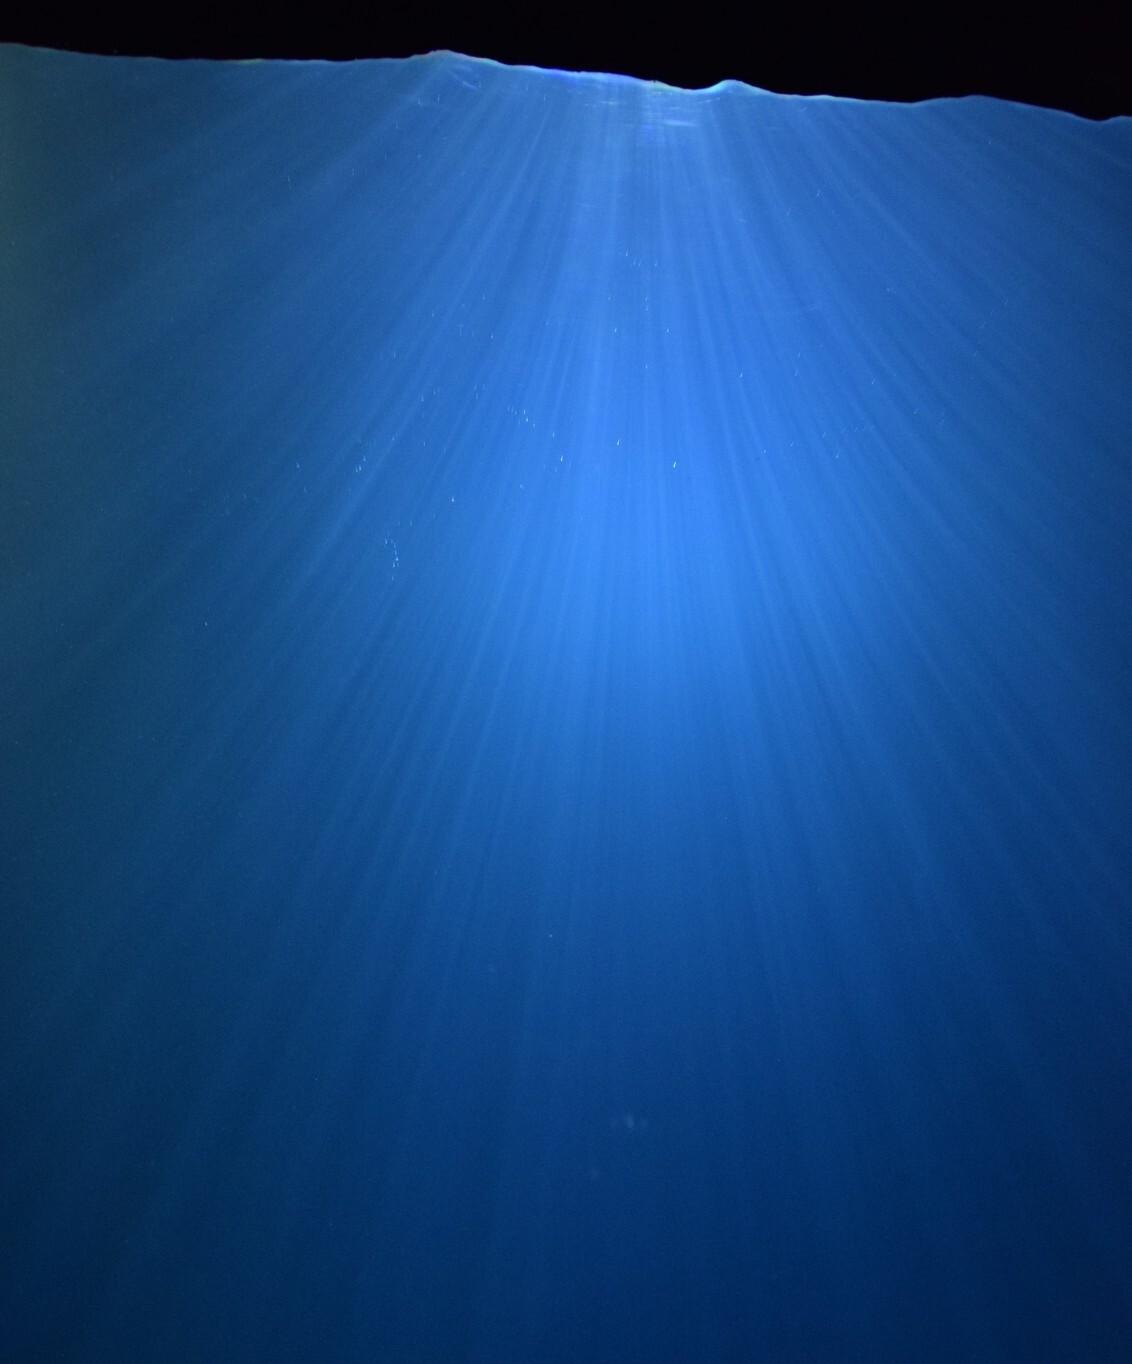 Lichtstralen in het water - - - foto door dvharen89 op 29-12-2019 - deze foto bevat: blauw, zon, water, dierentuin, natuur, licht, aquarium, arnhem, aqua, stralen, Burgers'Zoo